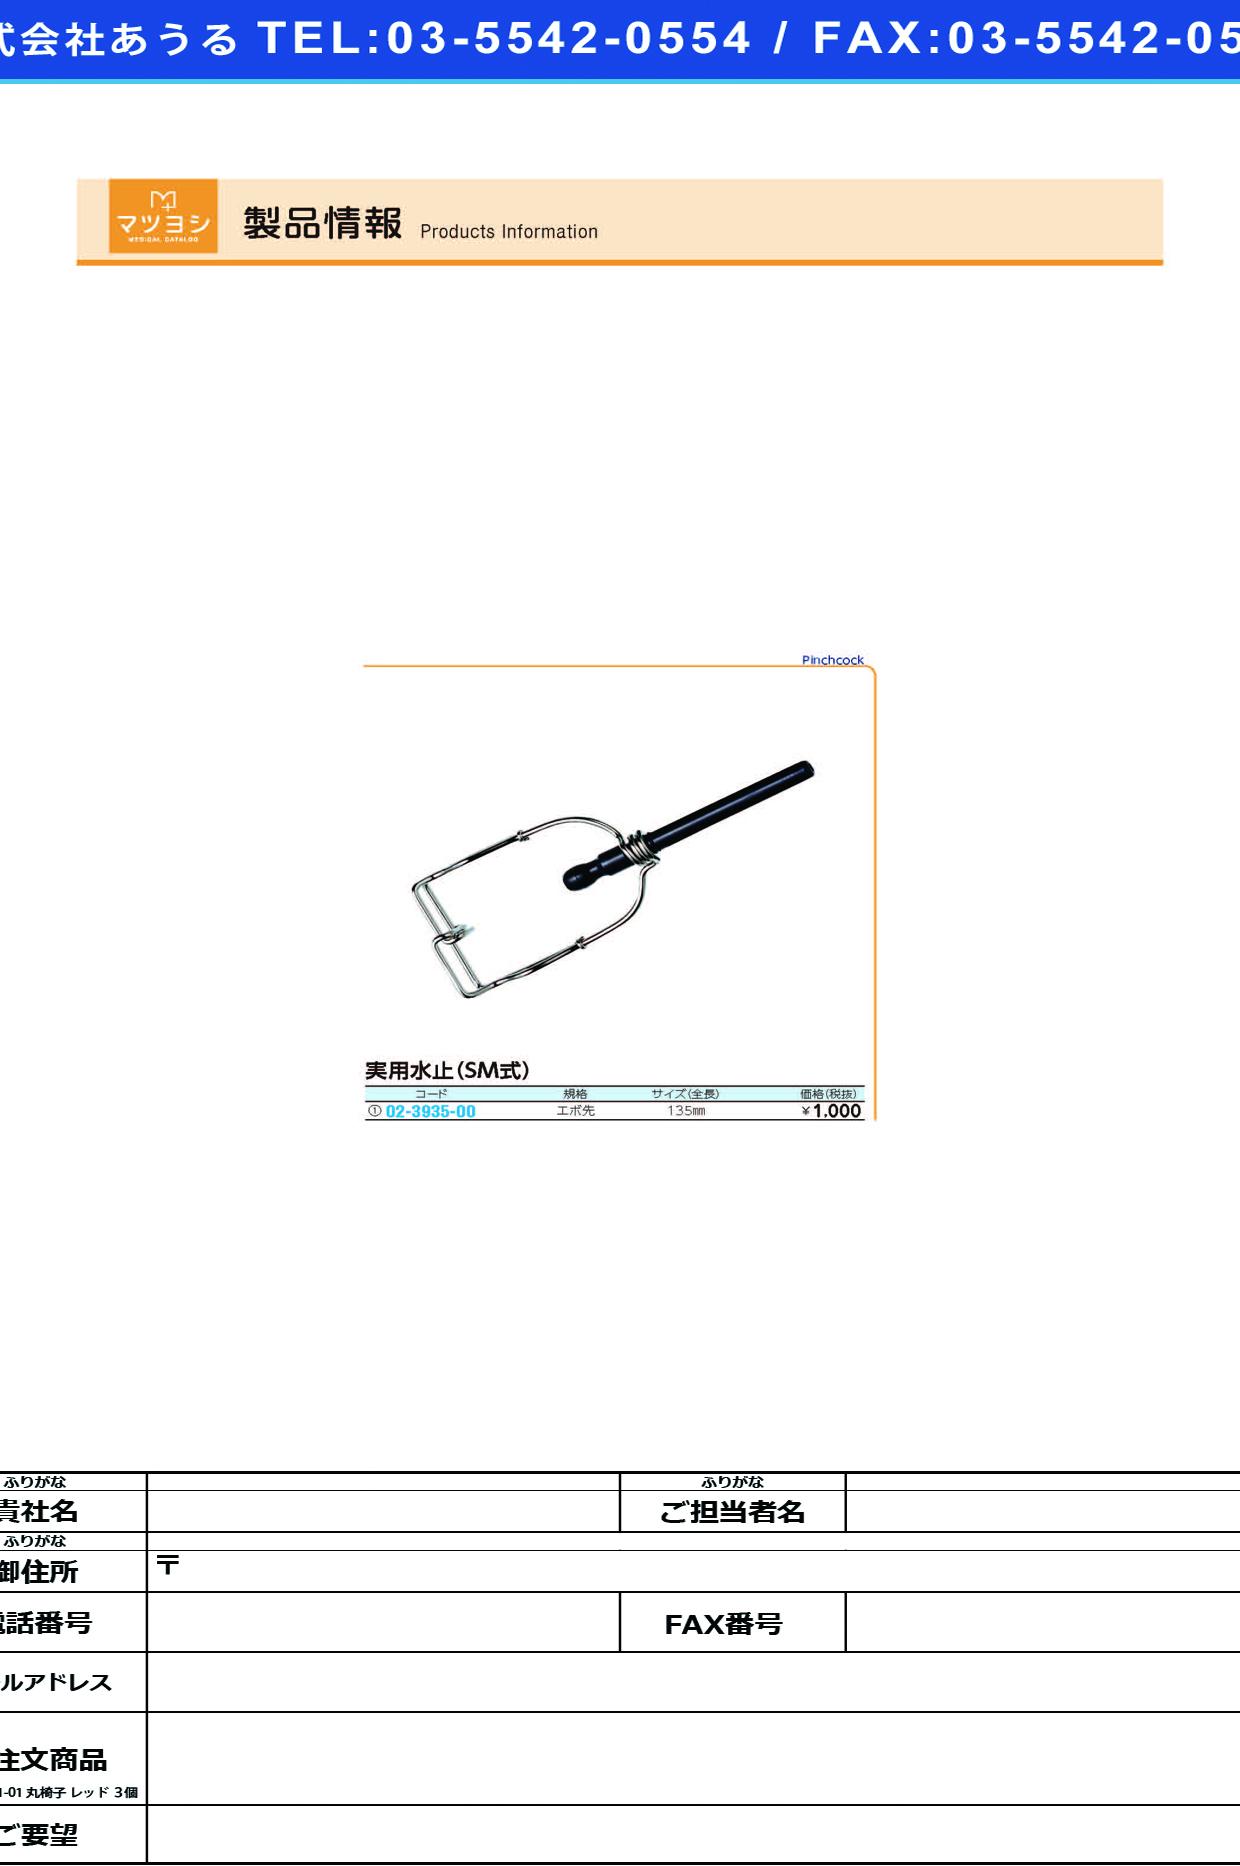 (02-3935-00)実用水止(SM式) エボサキ ジツヨウミズトメ(SMシキ)【1個単位】【2019年カタログ商品】